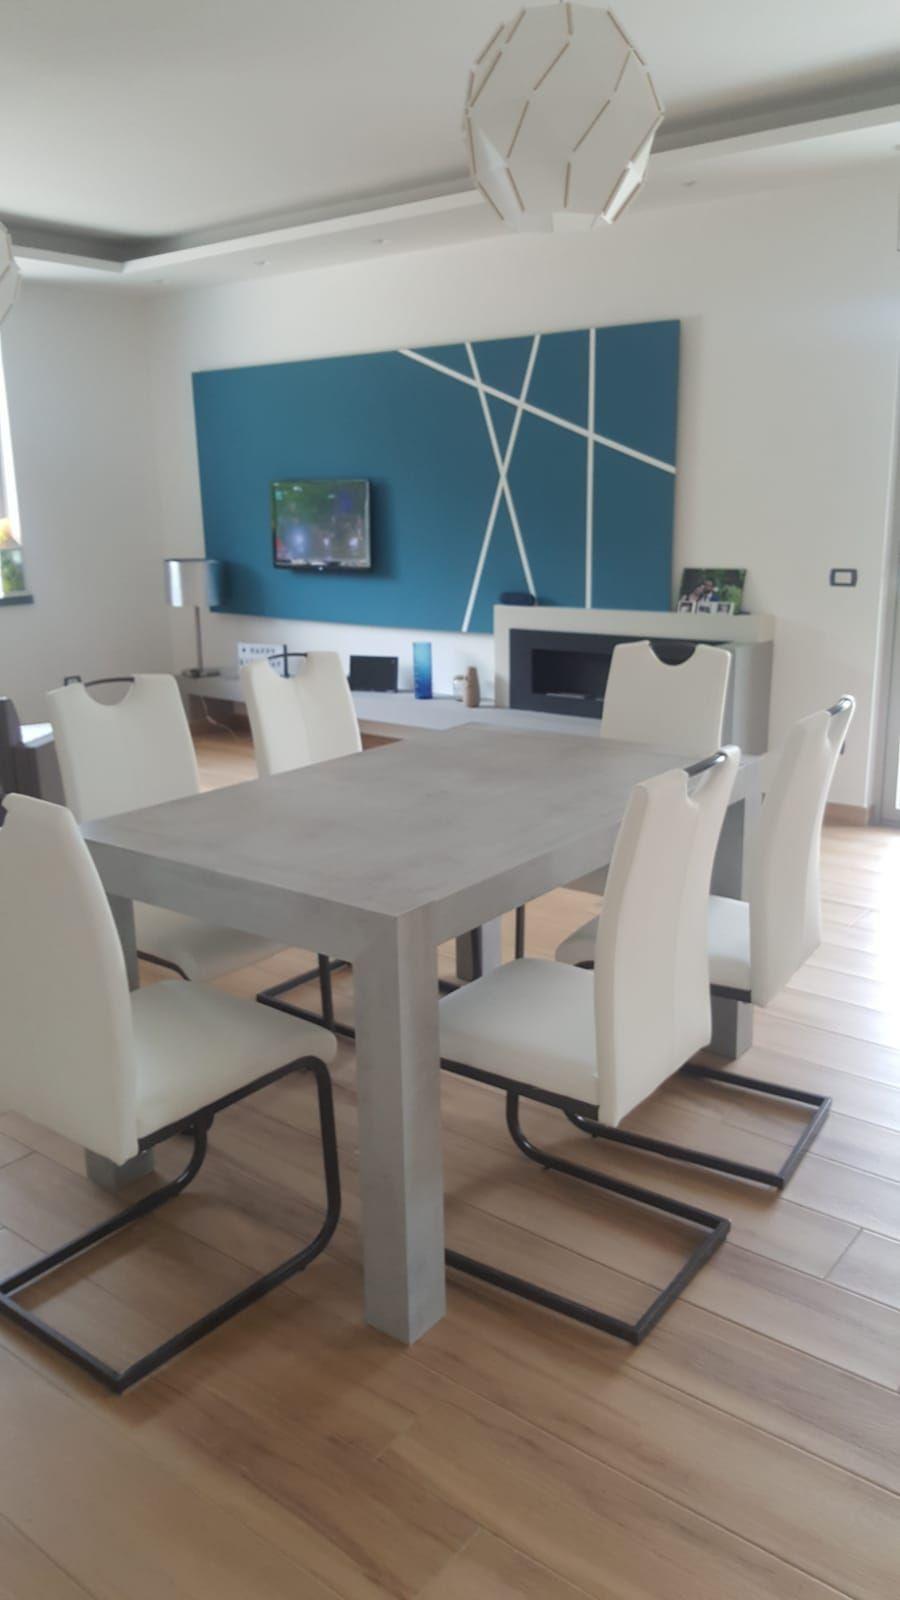 Tavoli Allungabili moderni e di design. Qualita 100% made ...